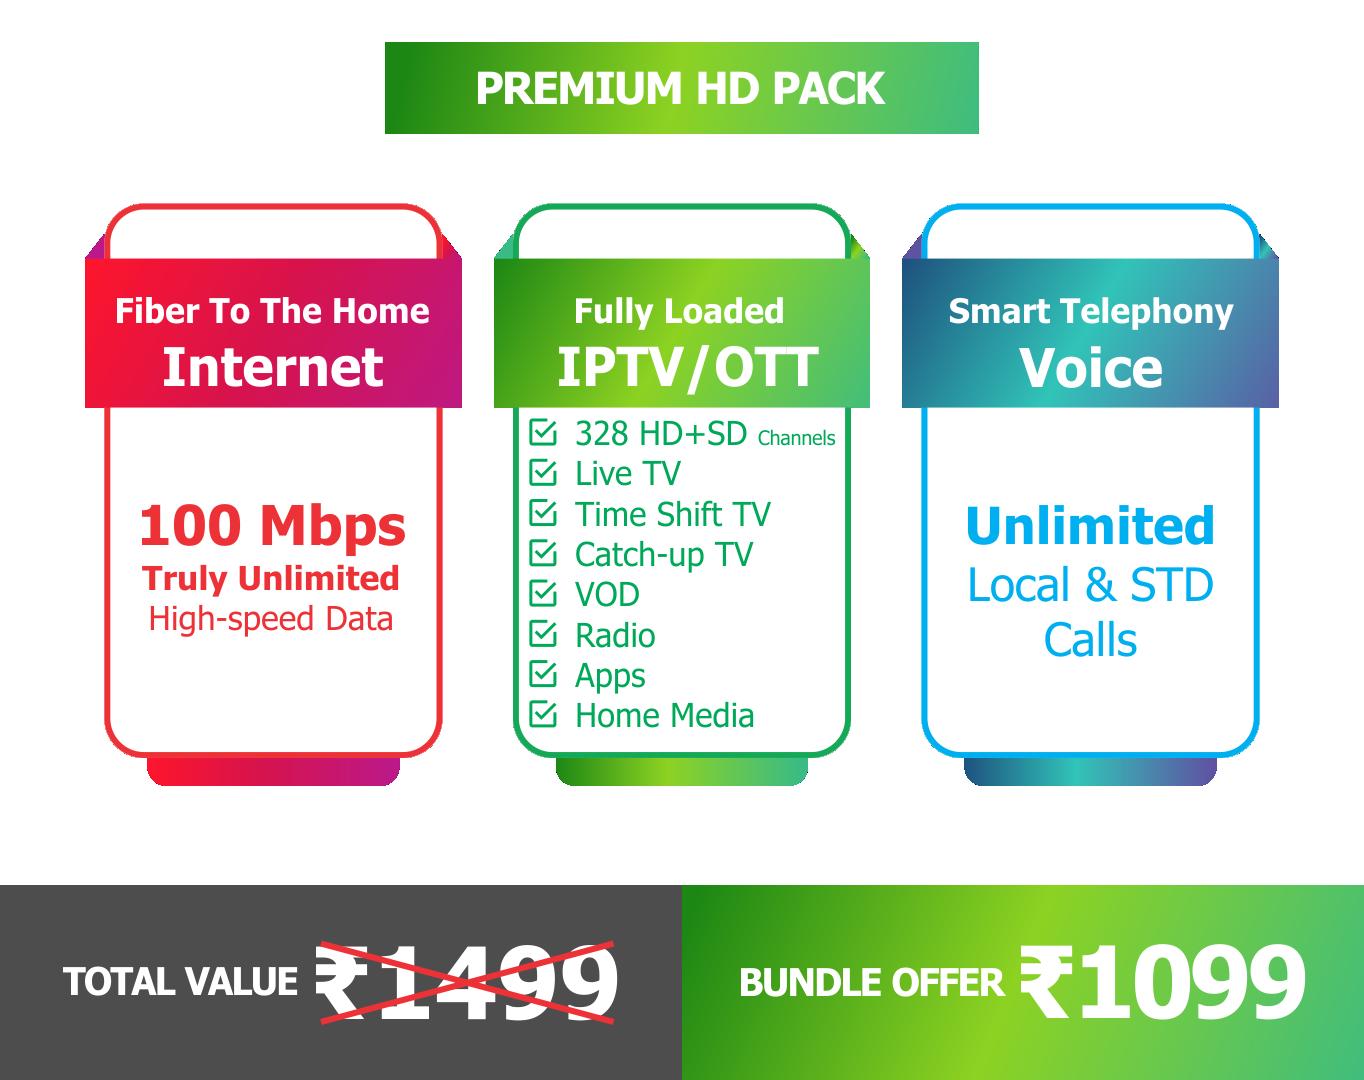 1_Premium_HD_Pack.png